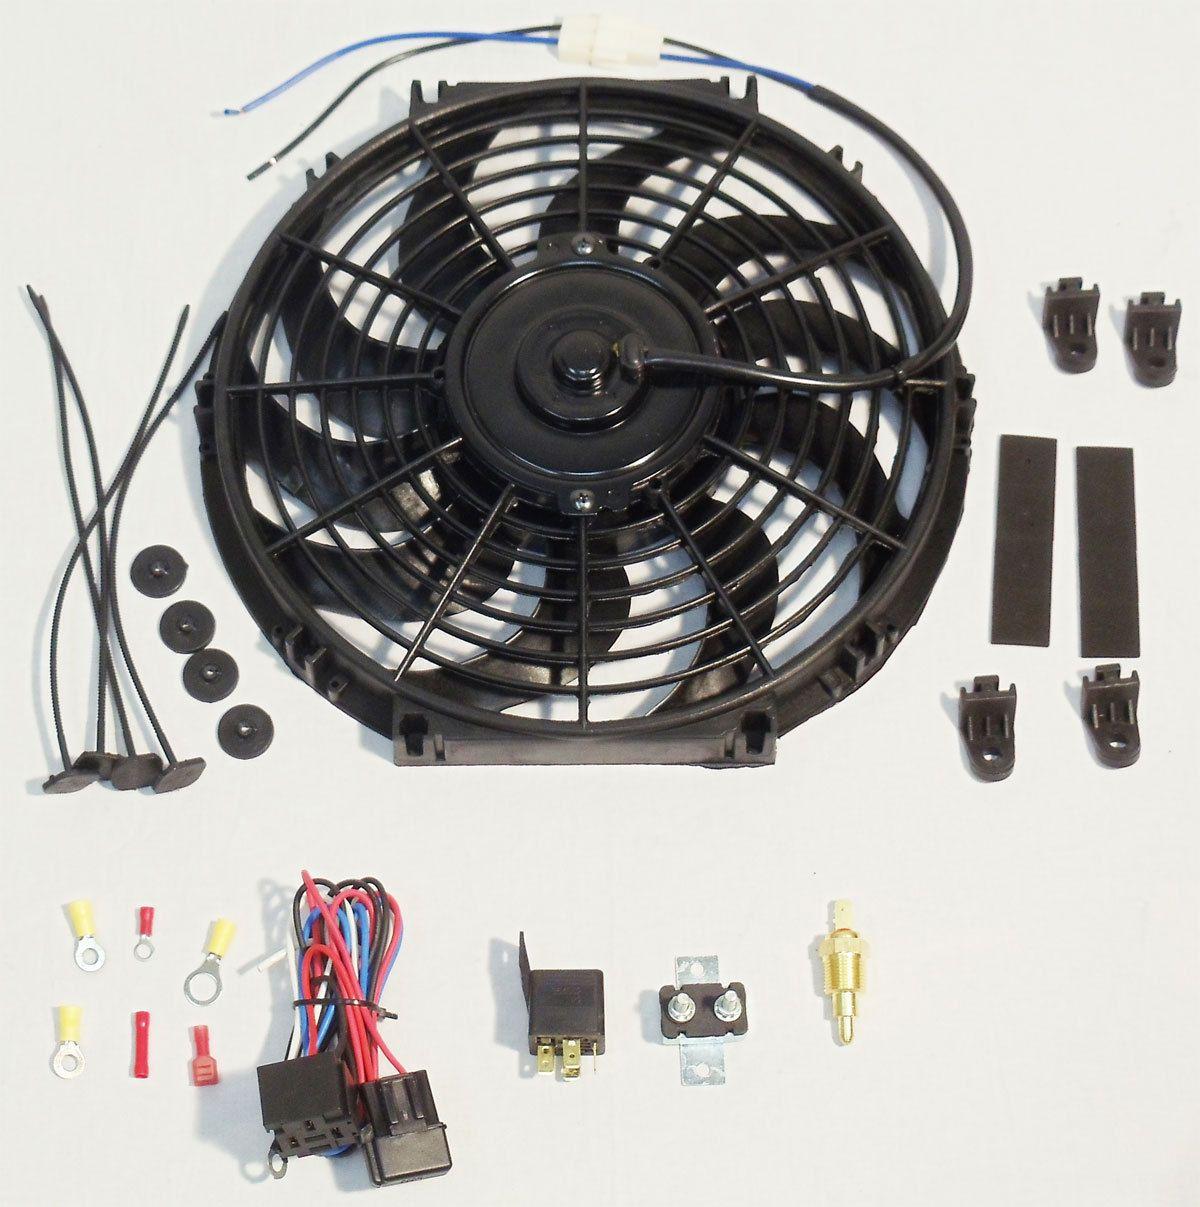 16 Electric Curved Blade Reversible Cooling Fan 12v 3000cfm